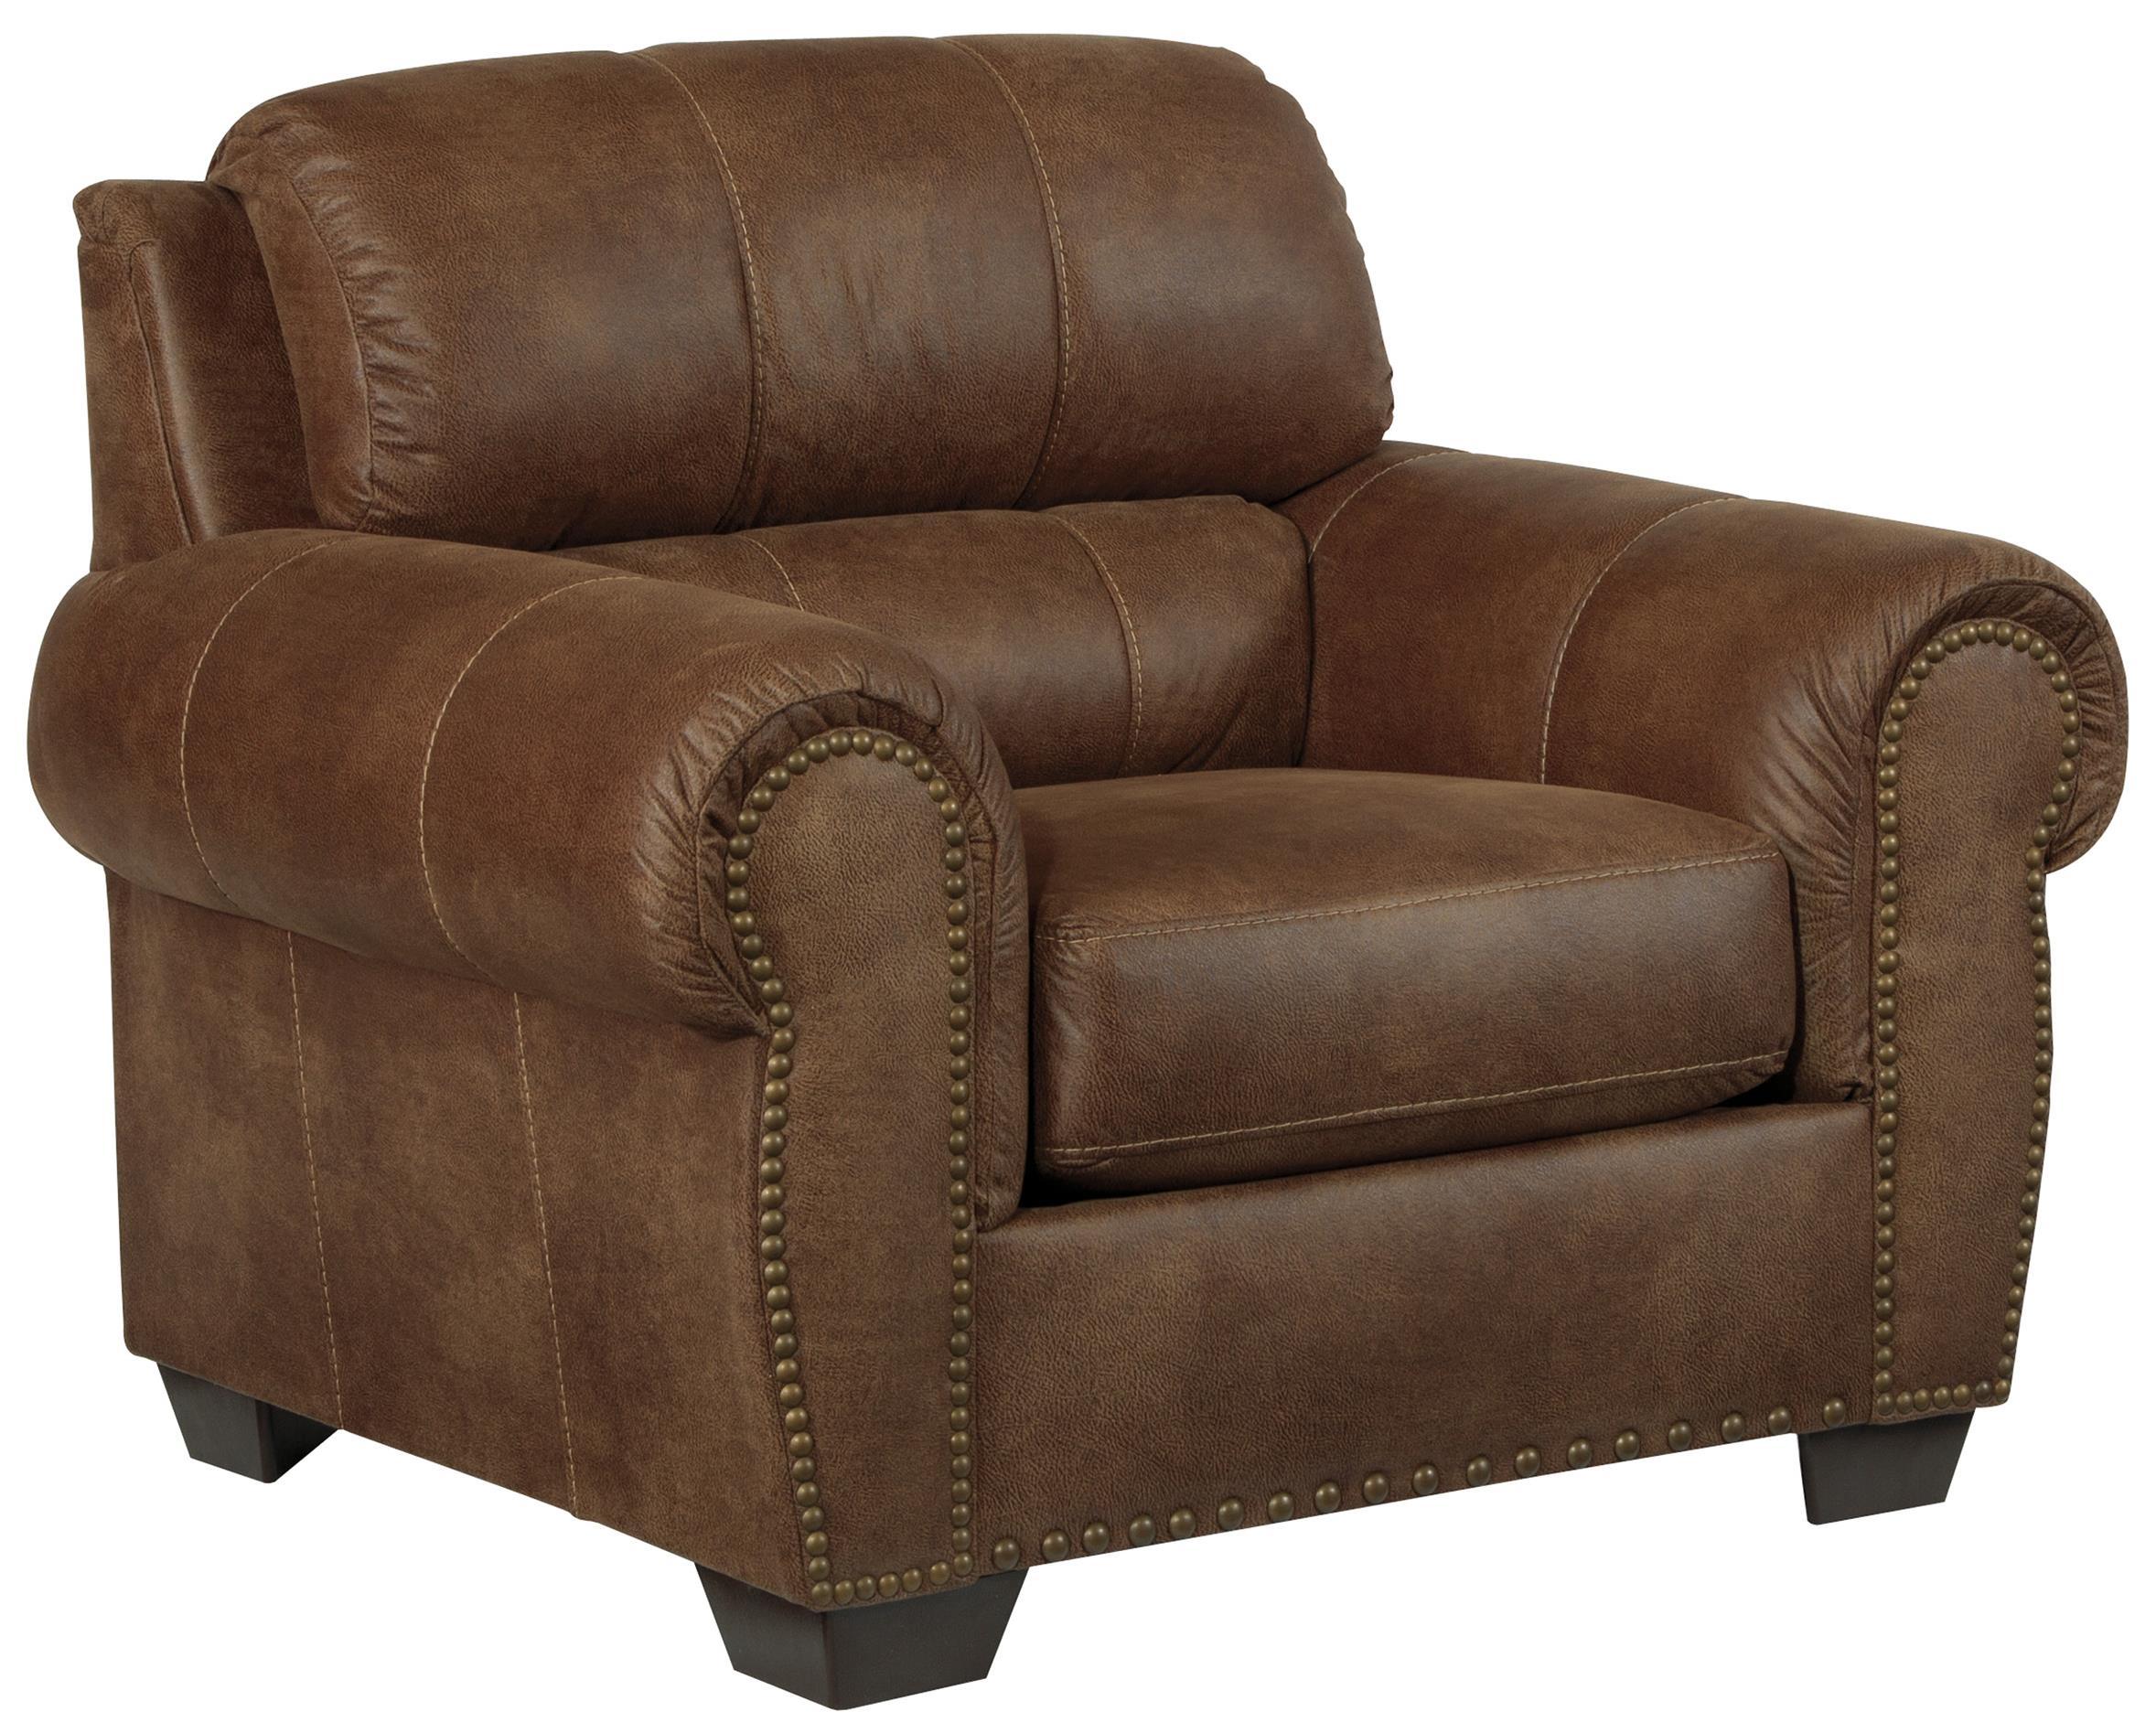 Benchcraft Burnsville Chair - Item Number: 9720620